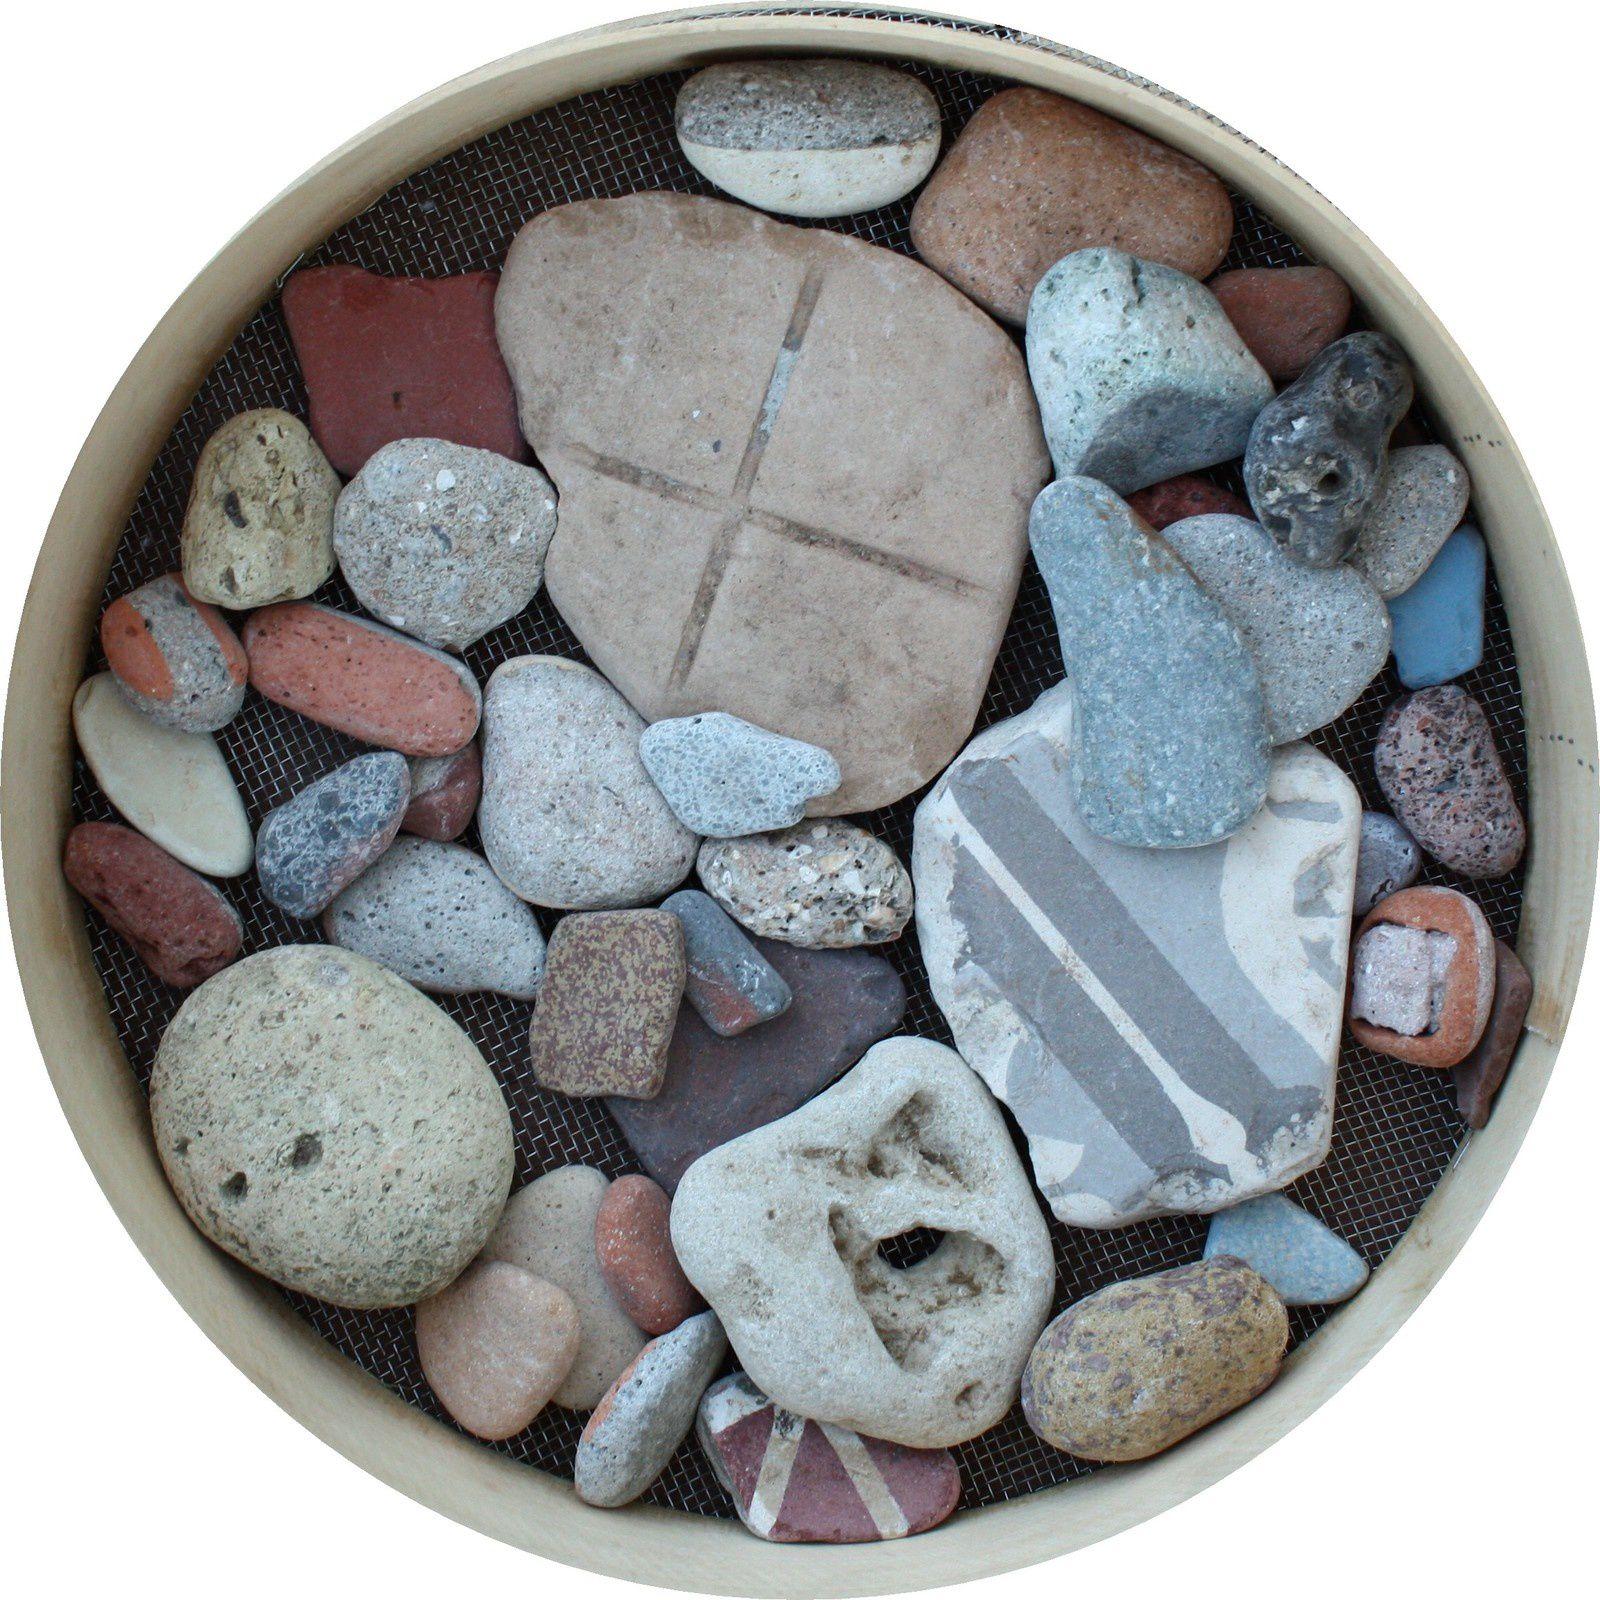 mon aire de la destruction du Havre rasé il ya 72 ans: fragments ramassés sur la plage entre 2008 et 2014 - Galets  de matériaux de la destruction, patrimoine mondial non encore inscrit à l'UNESCO